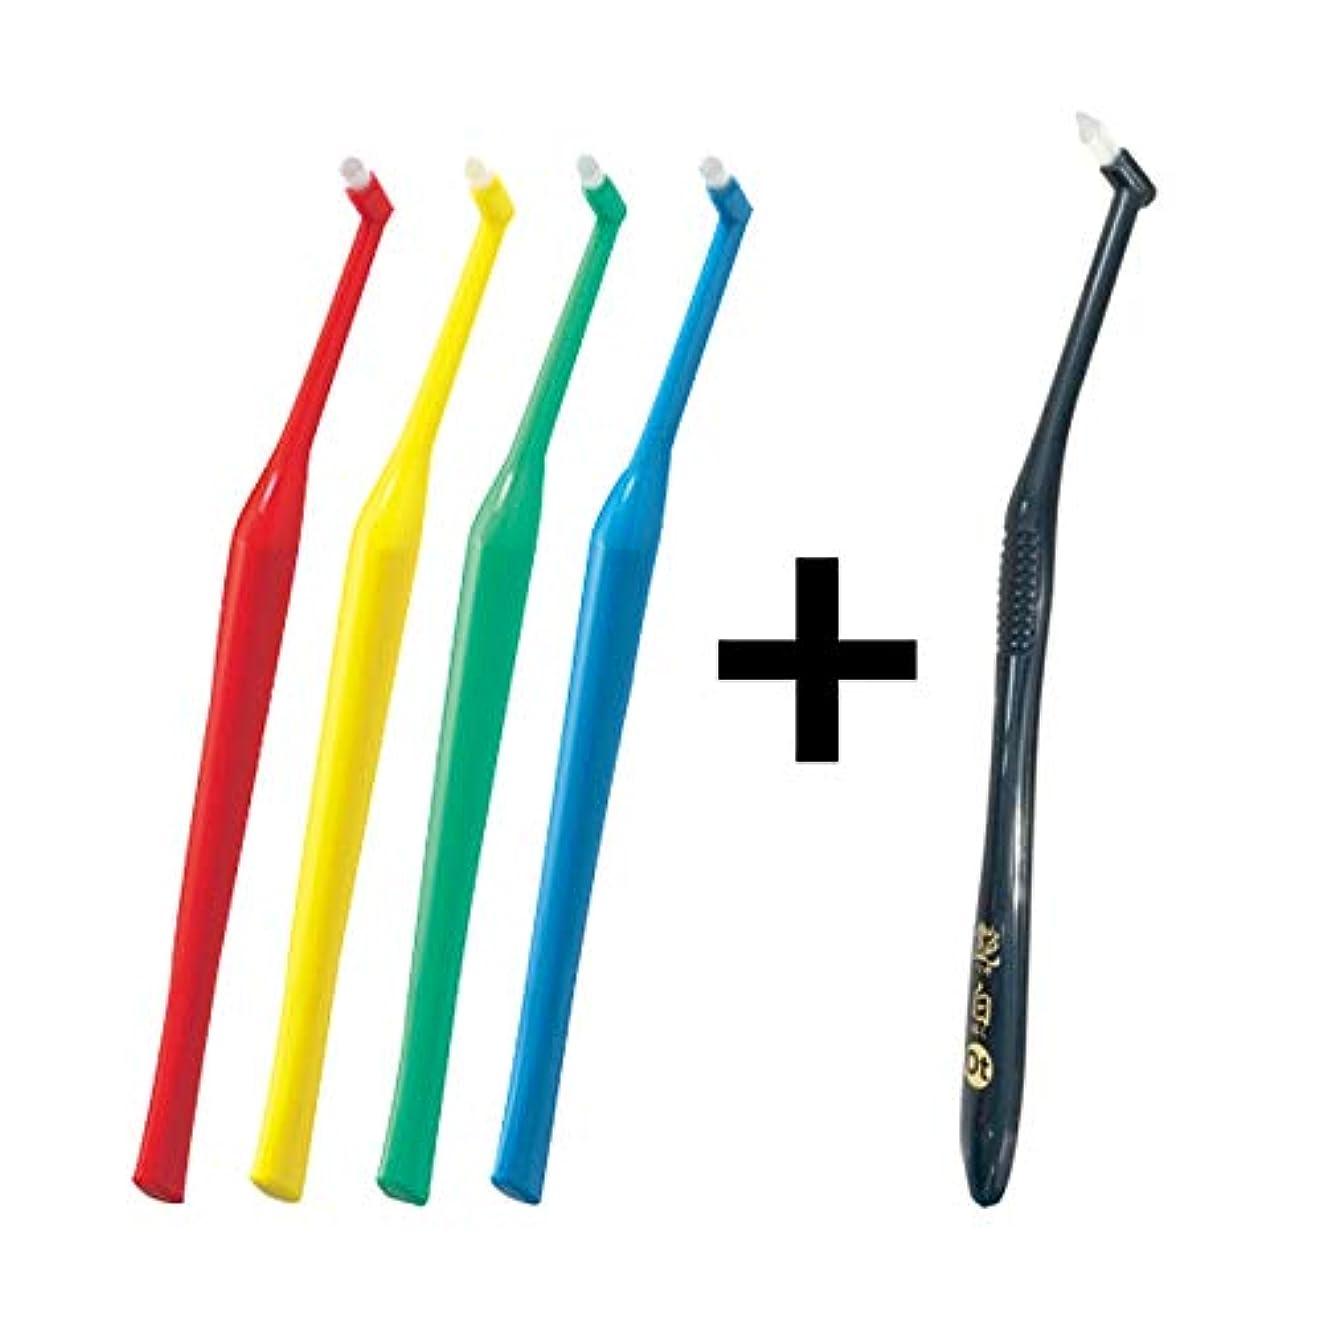 蒸気買収オーナープラウト Plaut × 4本 アソート (MS(ミディアムソフト))+艶白 ワンタフト 歯ブラシ 1本 MS(やややわらかめ) オーラルケア ポイントブラシ 歯科専売品